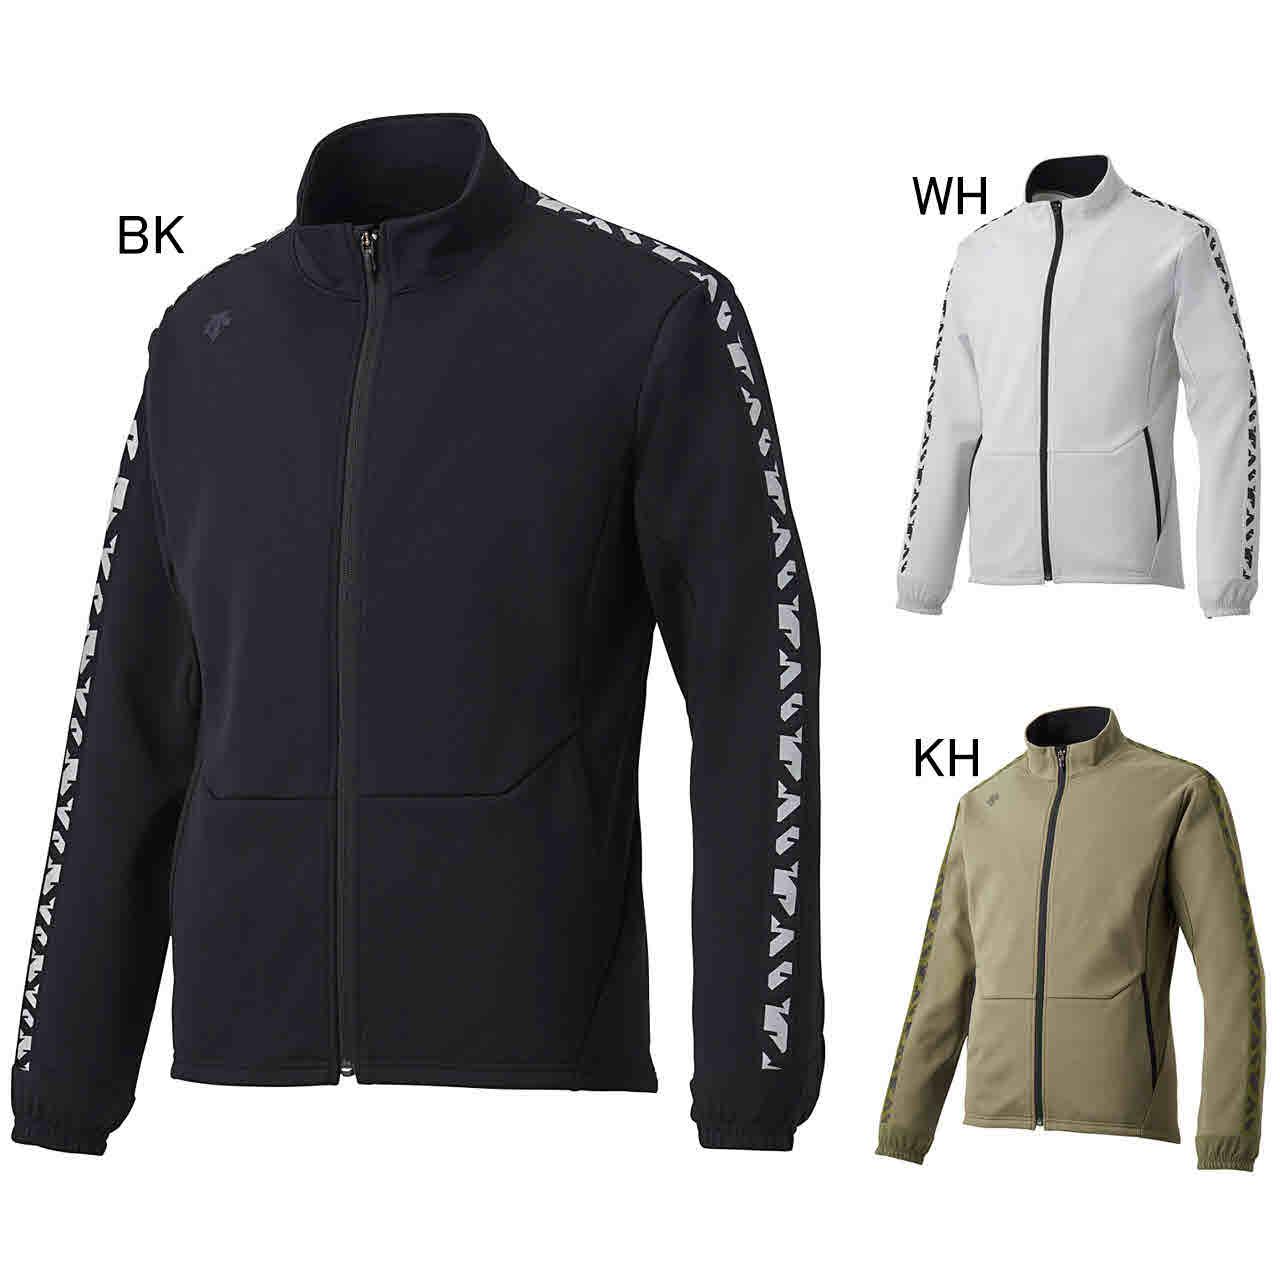 デサント エクササイズ フィットネス ジャケット シャツ メンズ ユニセックス スウェット ジャケット DMMNJF26Z